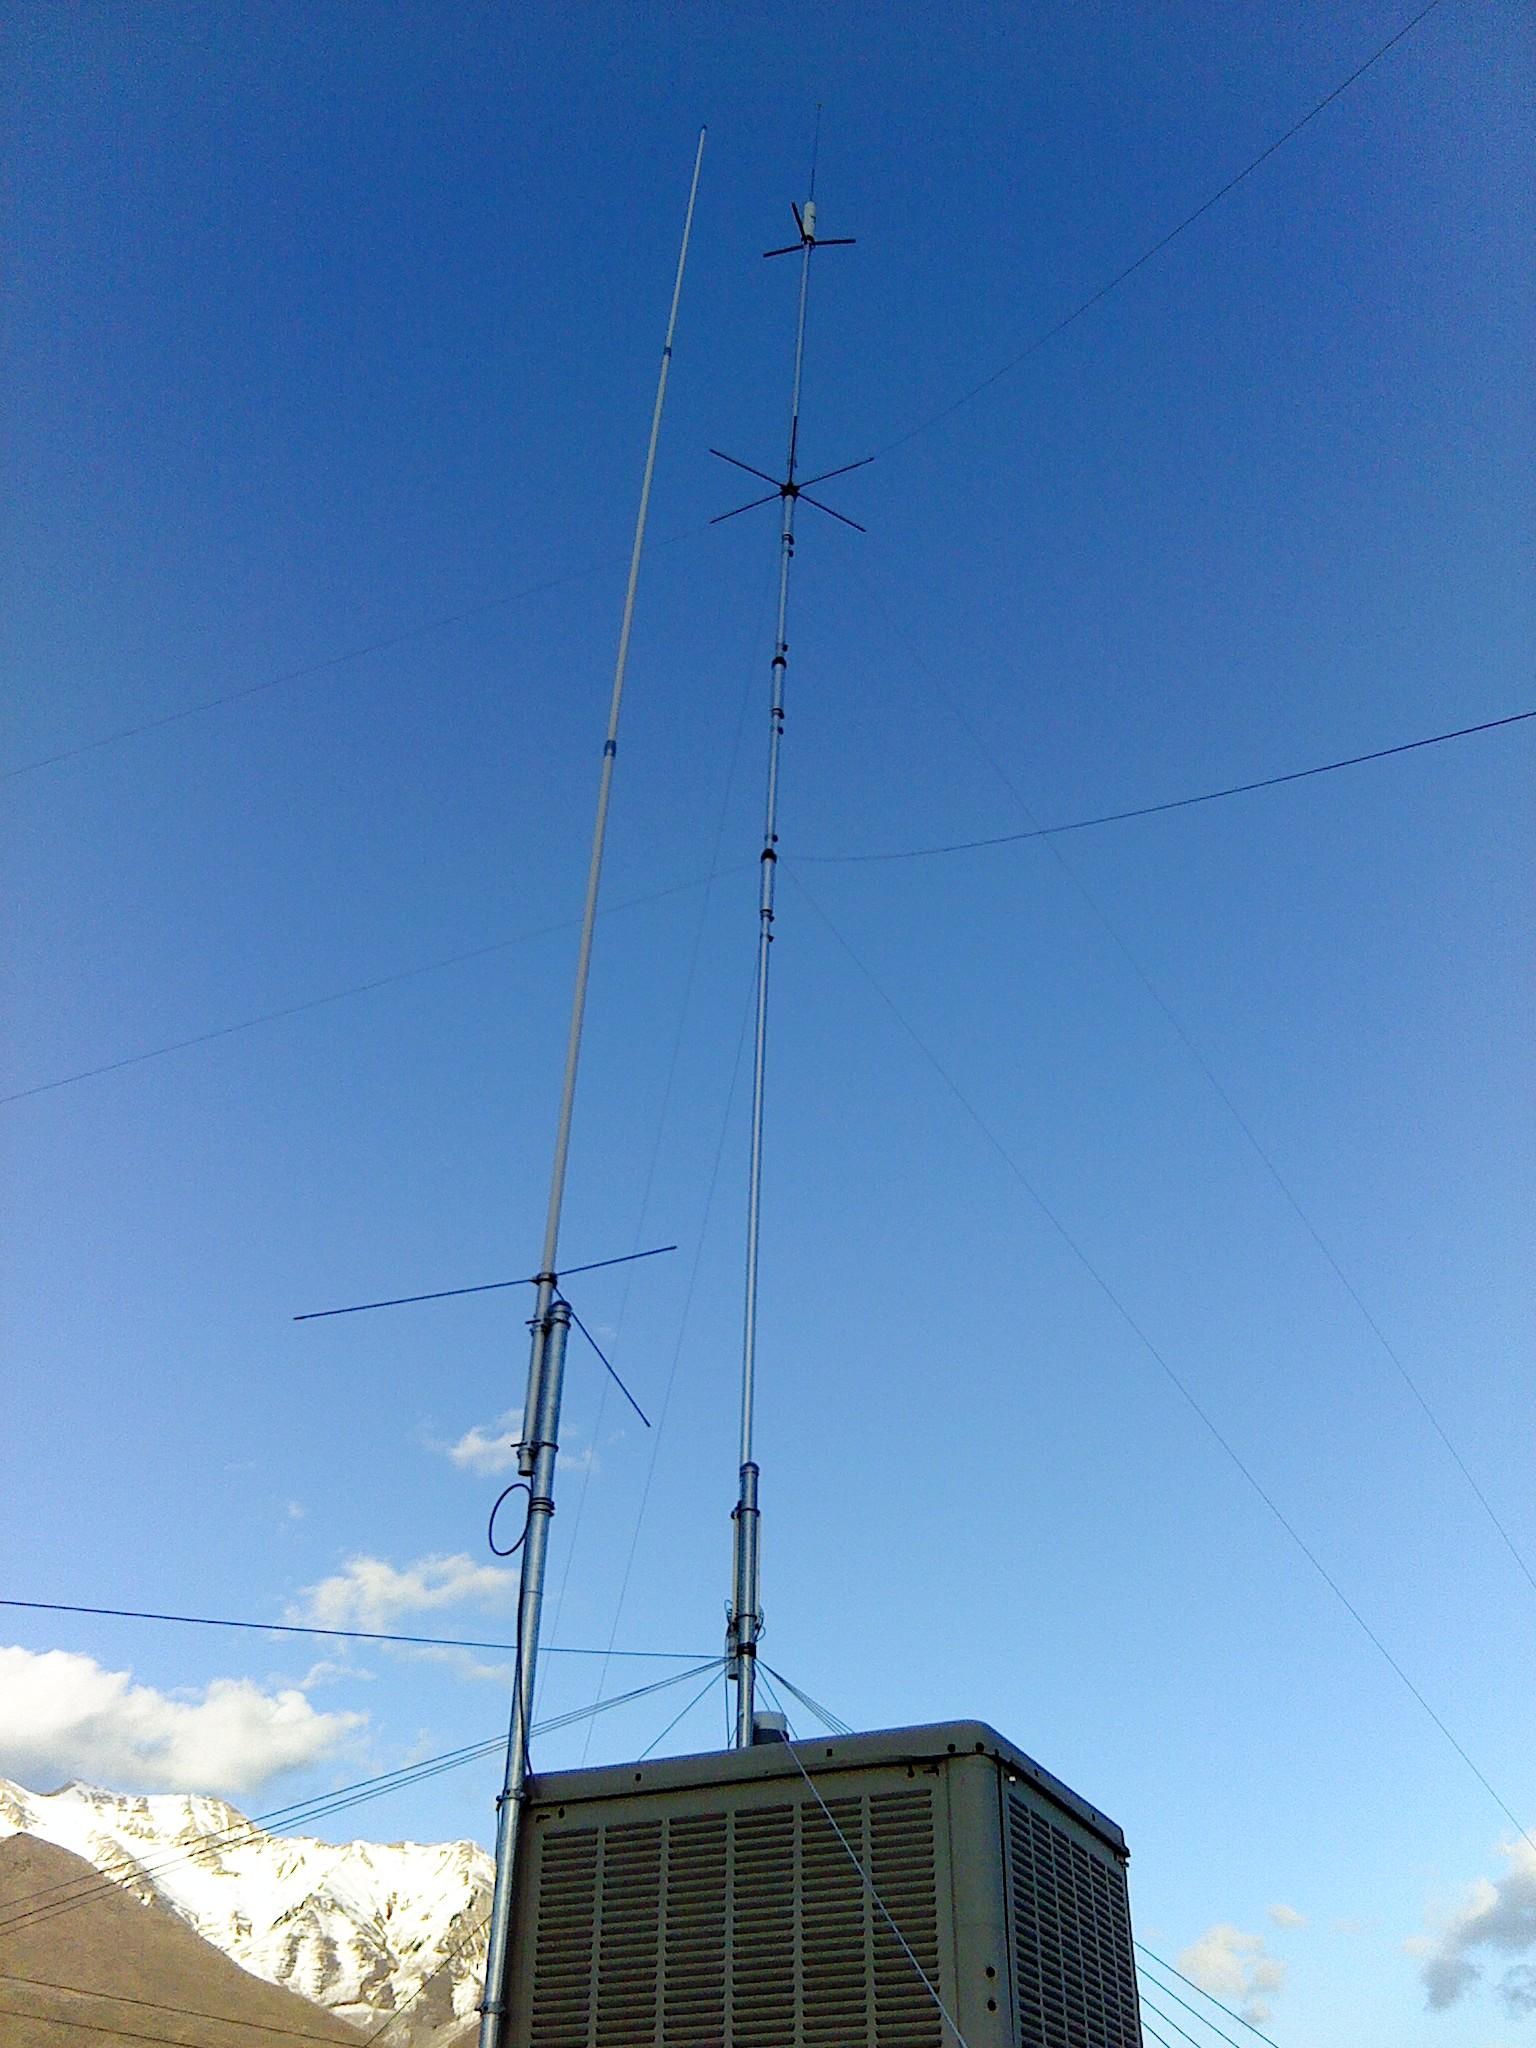 [Antennas Skyward]